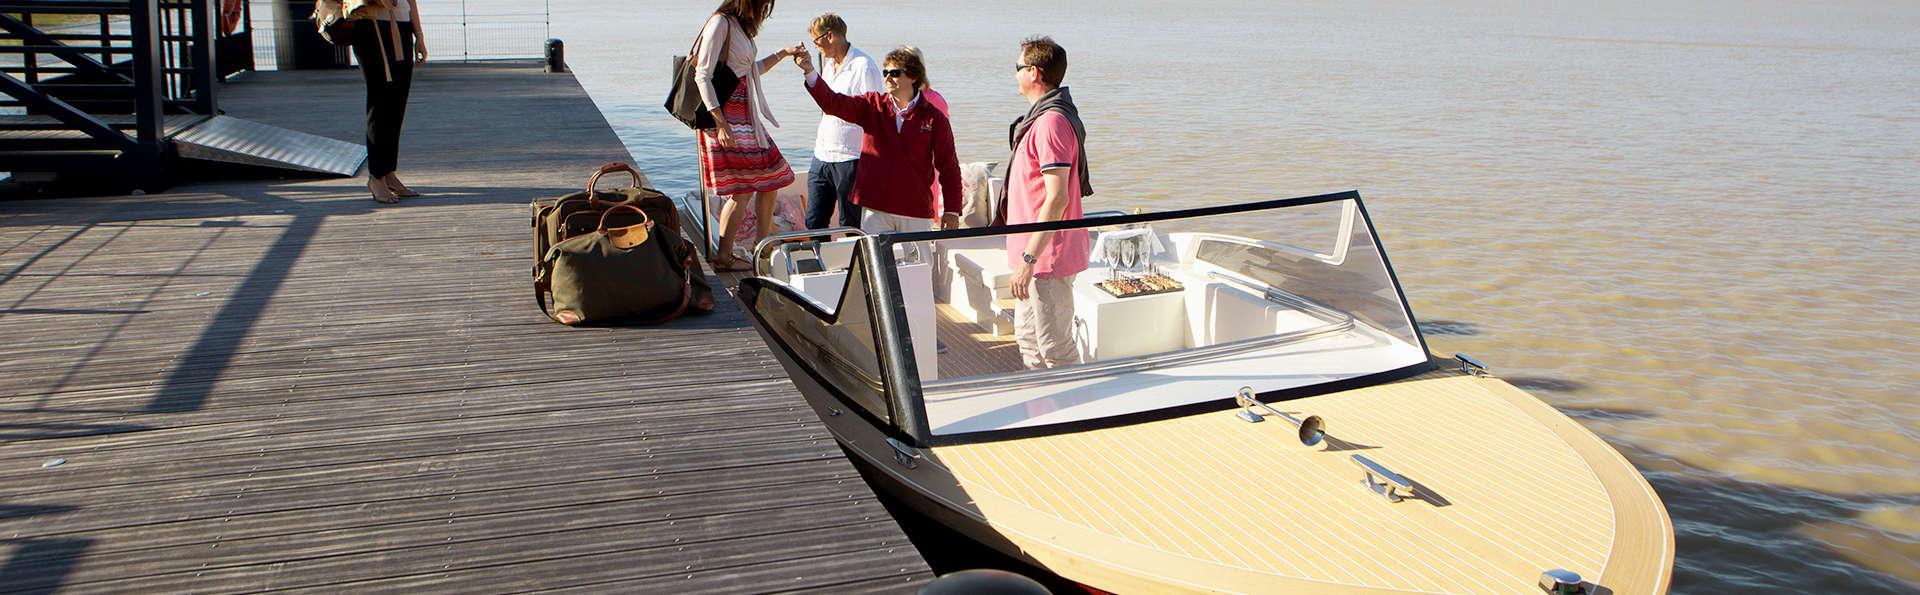 Week-end dans un château, avec promenade en bateau, à la découverte de Bordeaux